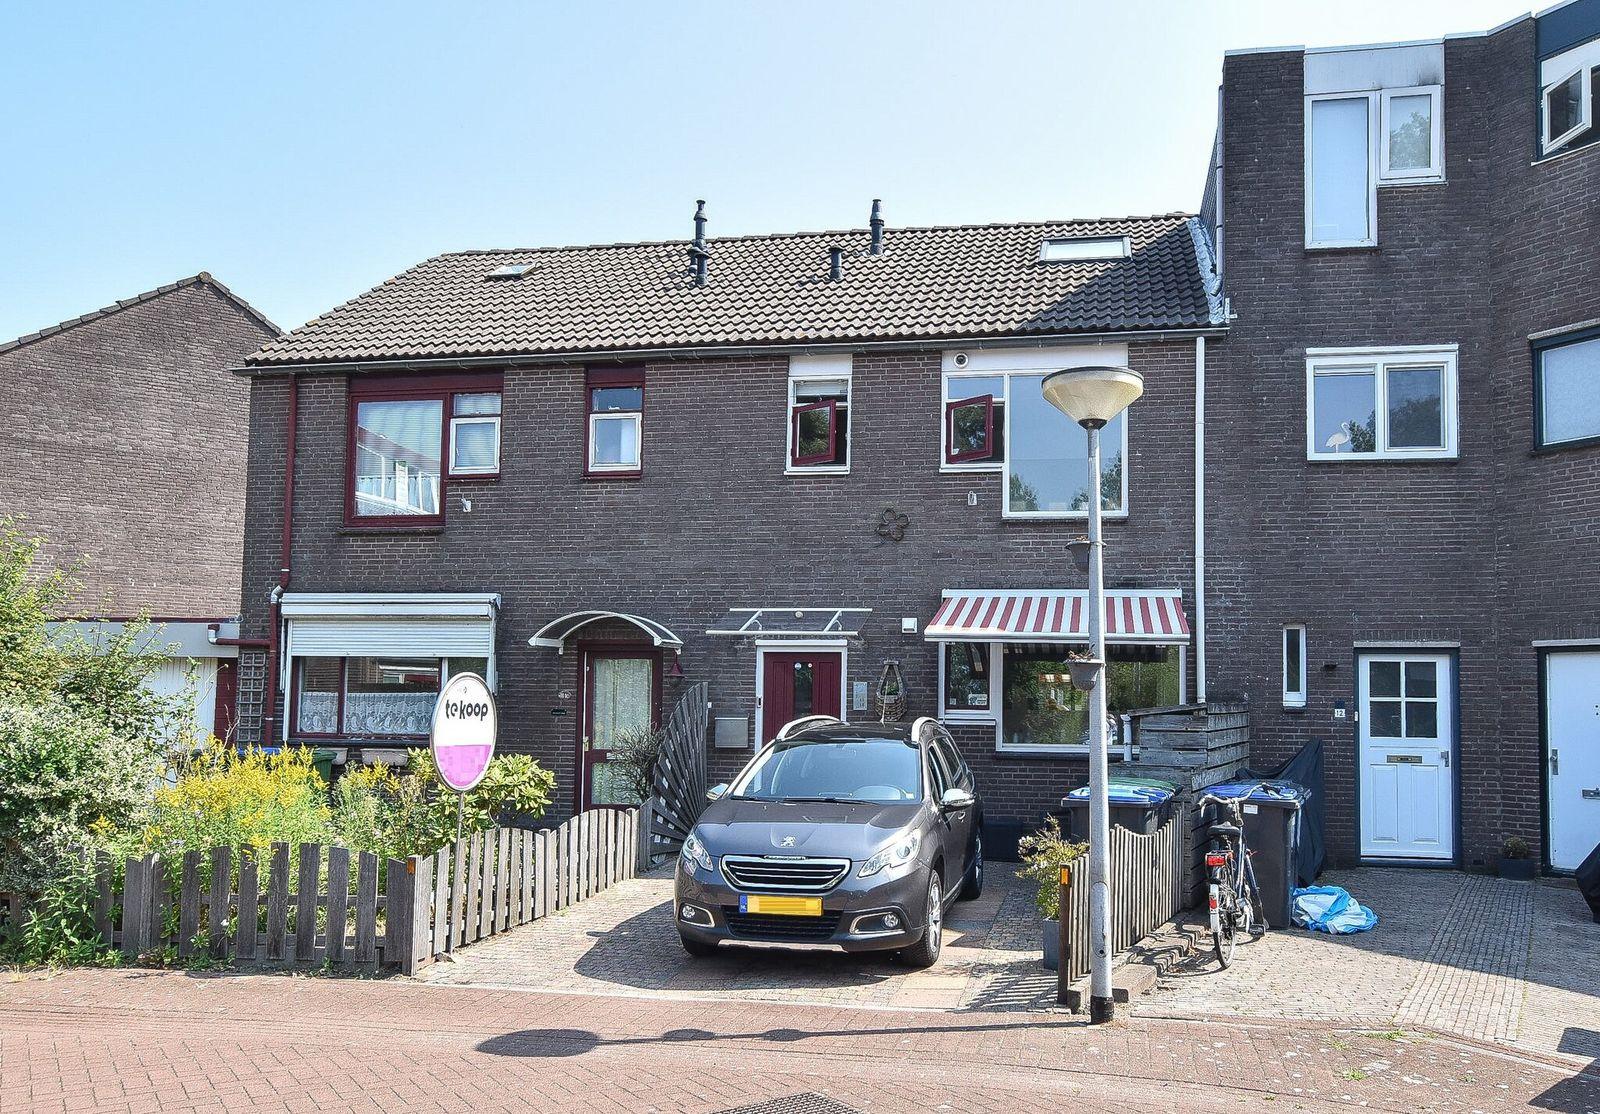 Rozengaard 11 14, Lelystad